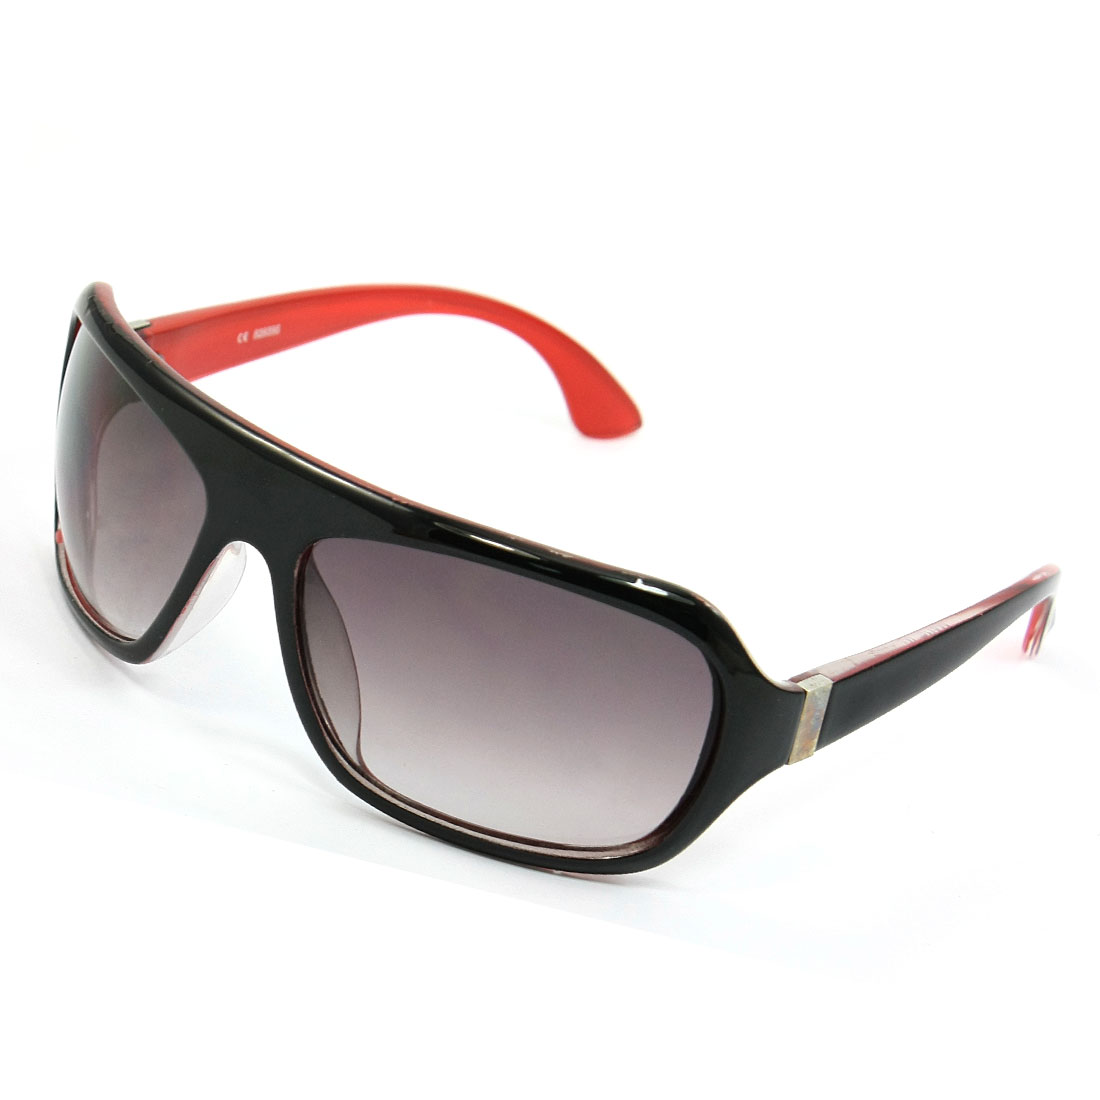 Black Red Plastic Full Frame Teardrop Shaped Lens Sunglasses for Women